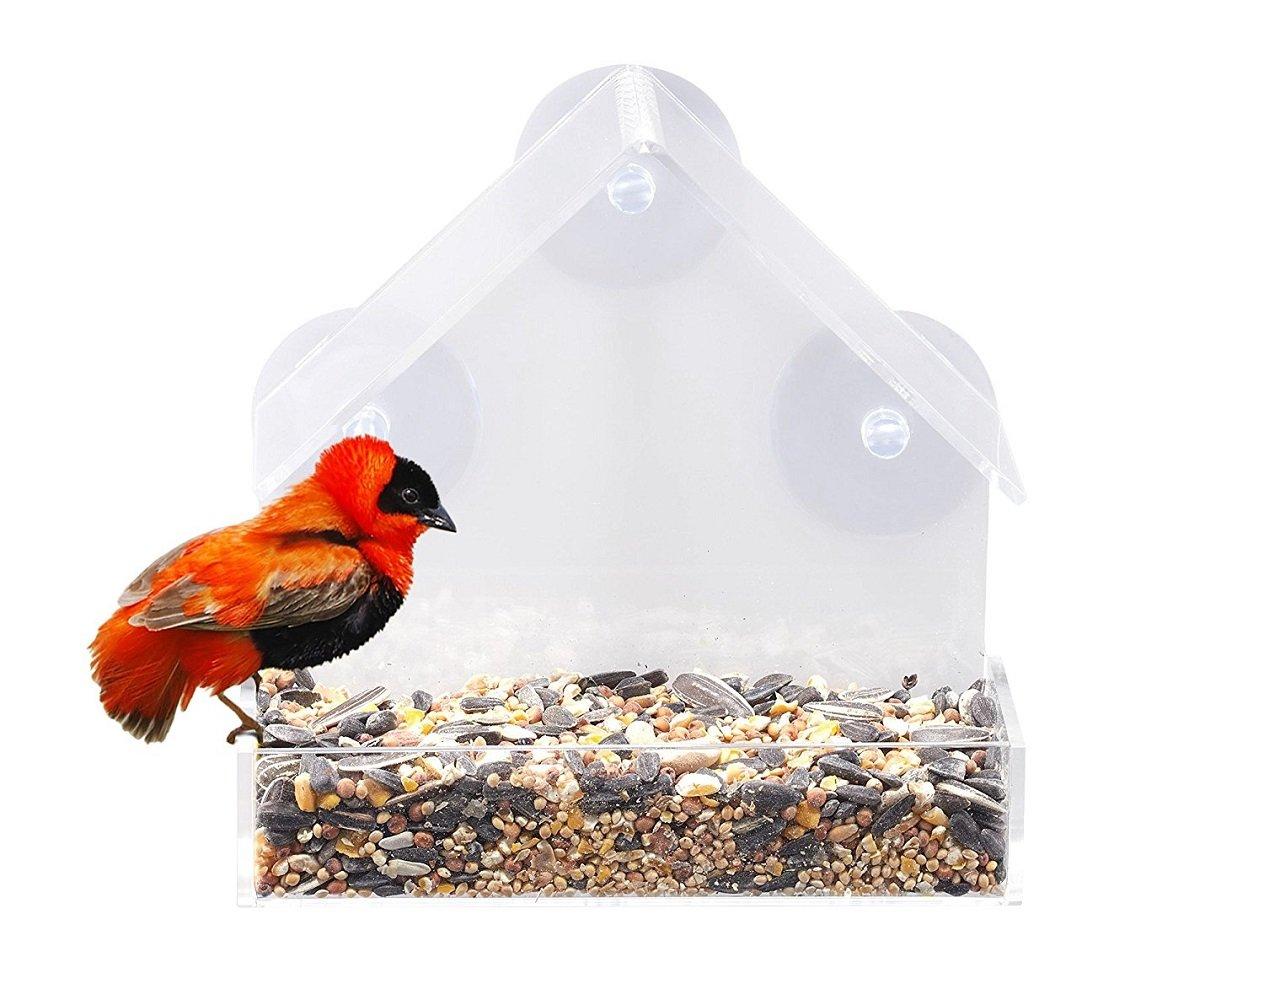 D & & R Window Mangeoire à oiseaux, acrylique Clair support fenêtre facile à nettoyer et à remplir Jardin Patio accessoire de décoration avec 3ventouses, 15,2x 6,3x 15,2cm, un cadeau idéal pour les amateurs de Bird D&&R